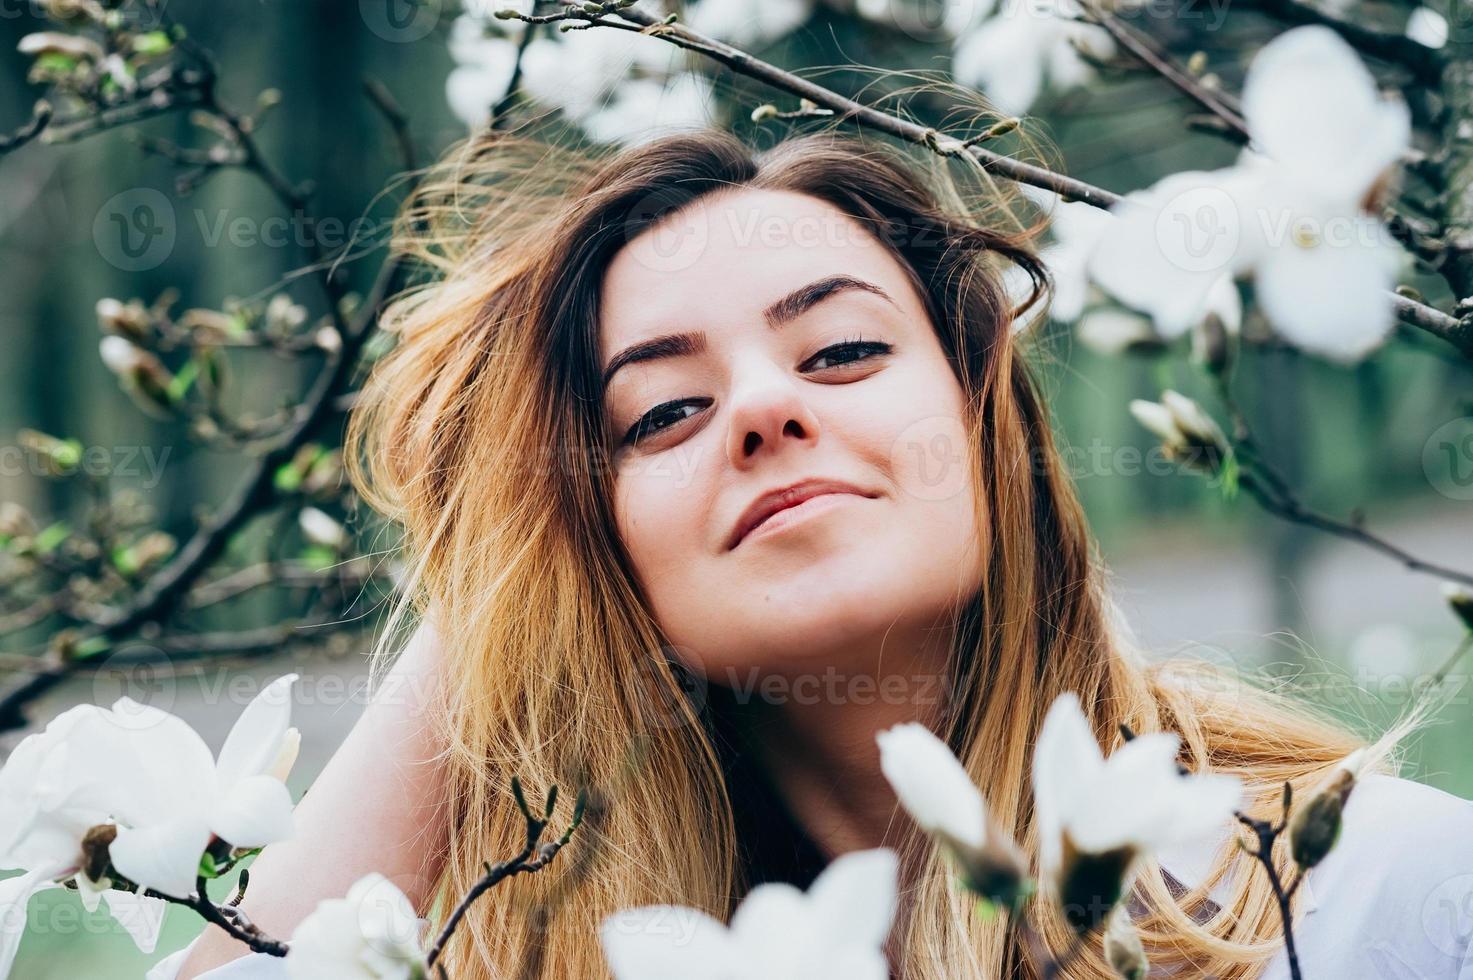 Chica guapa en el jardín disfruta de árboles de magnolia en flor foto